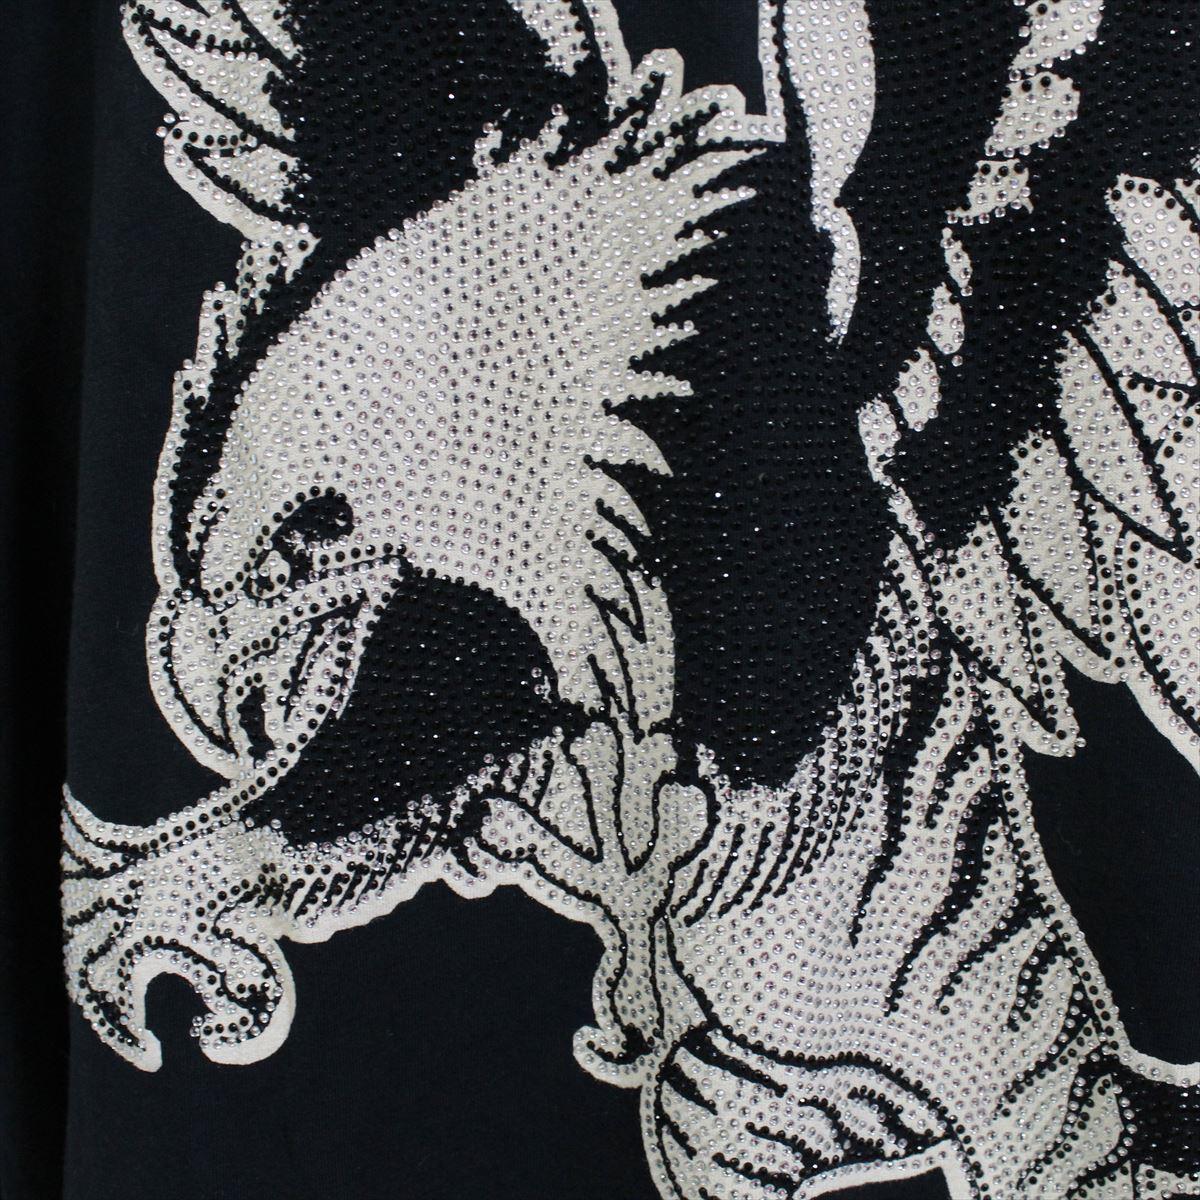 エドハーディー ED HARDY メンズ長袖Tシャツ ブラック Mサイズ LT409 新品 ドン・エド・ハーディー_画像3